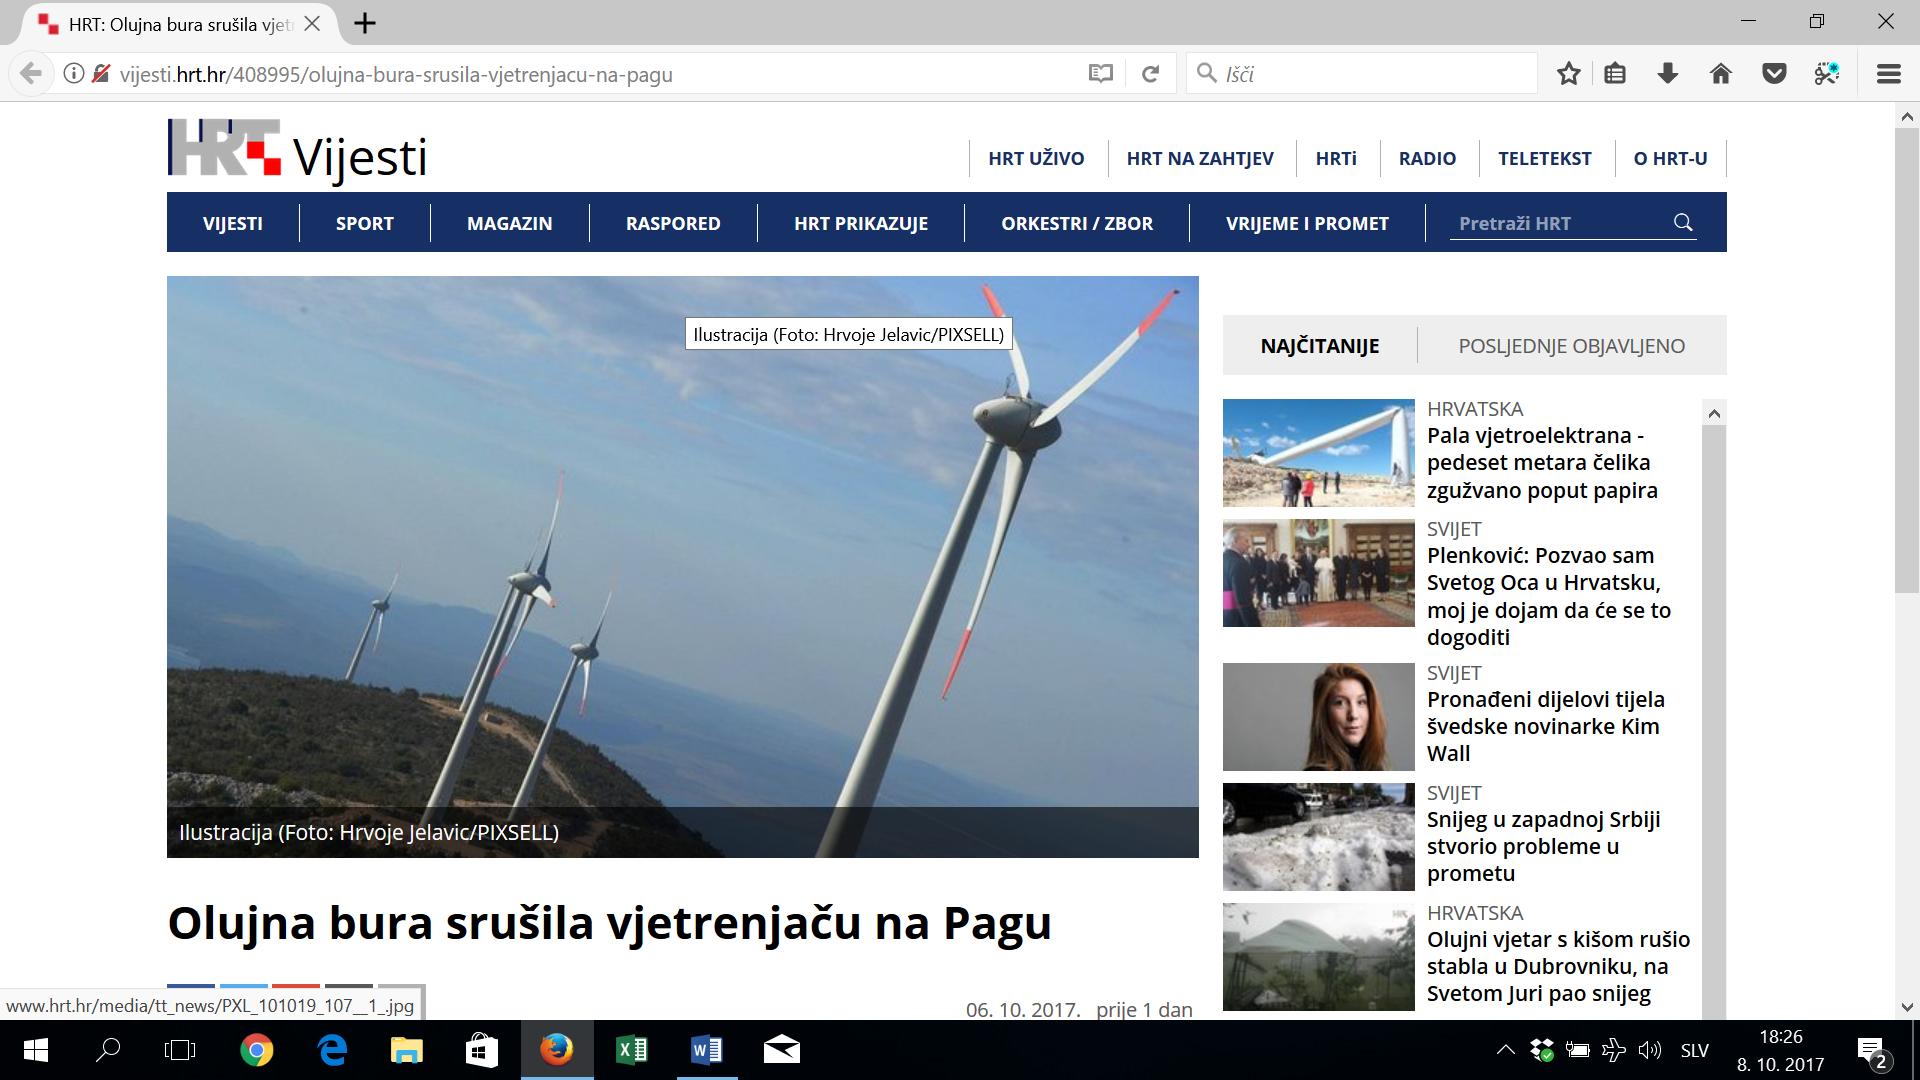 Burja na Pagu zrušila 35-tonsko vetrnico